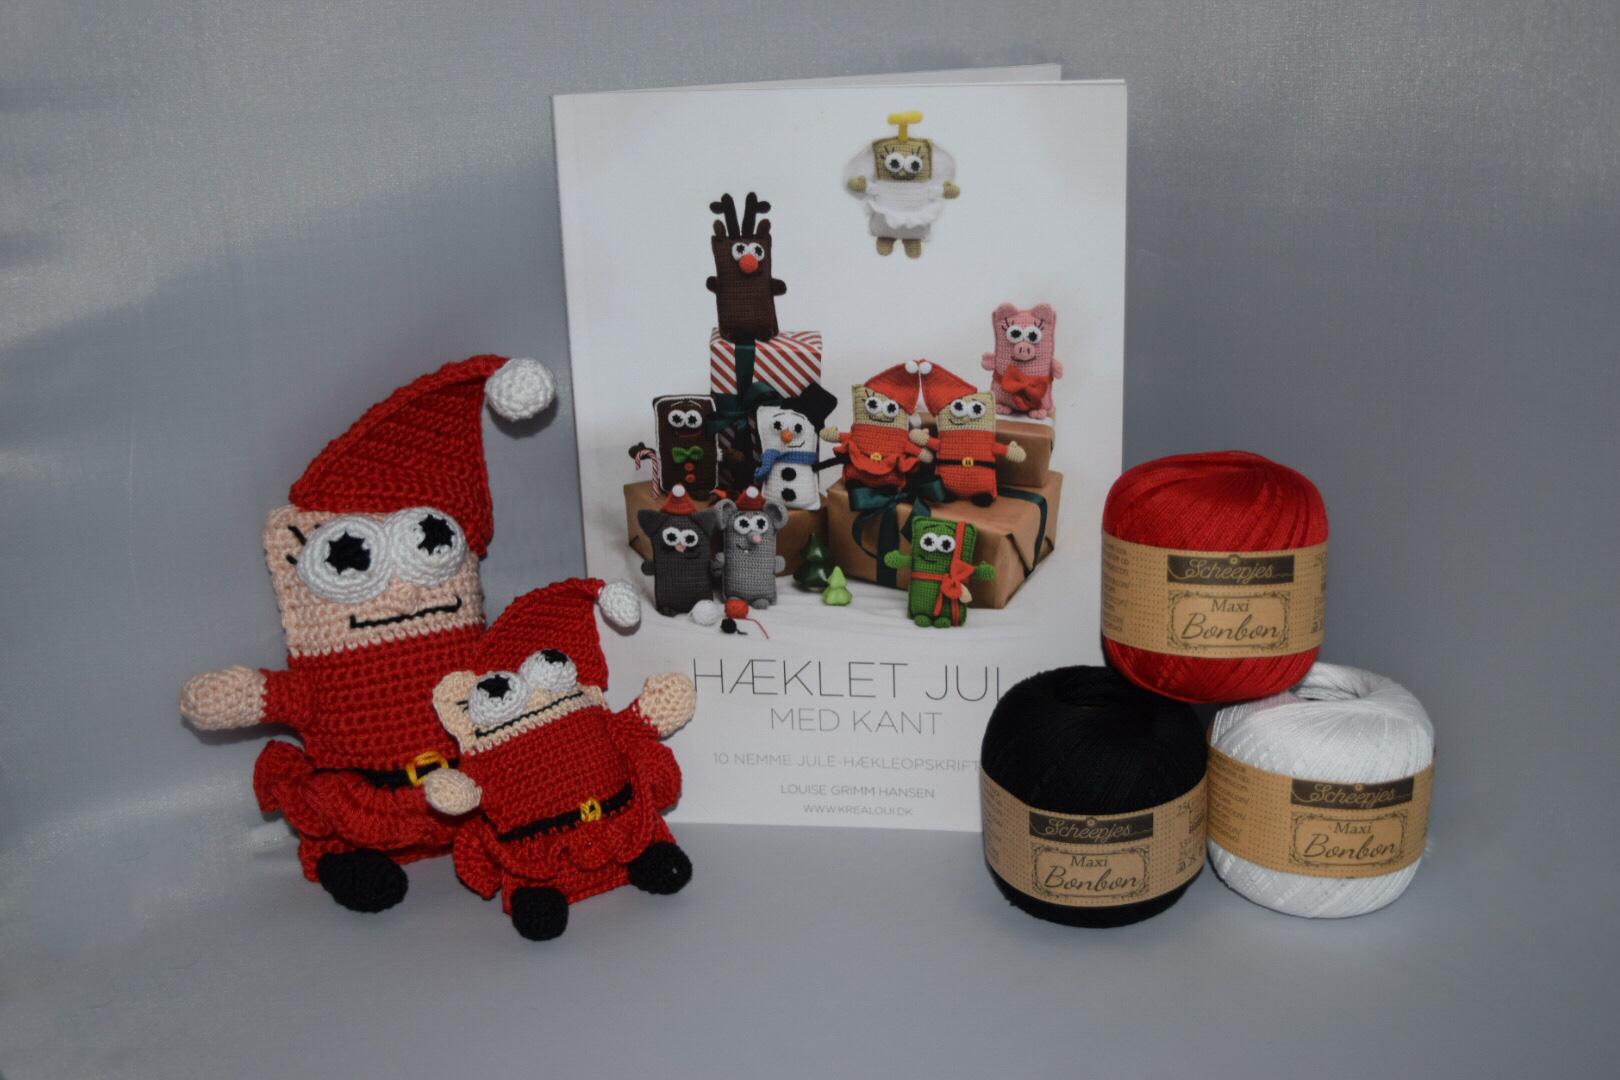 Billede af Hæklet jul med kant og Maxi Sweet Treat garnpakke